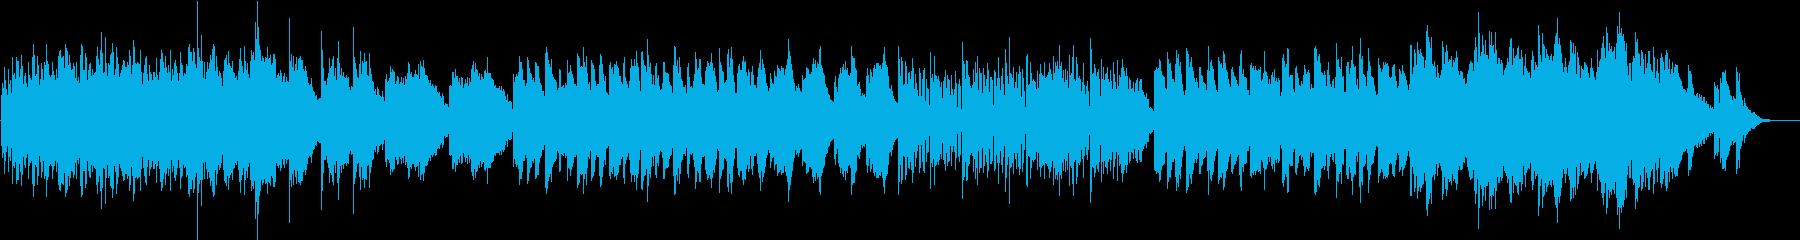 ミステリアスなインストの再生済みの波形